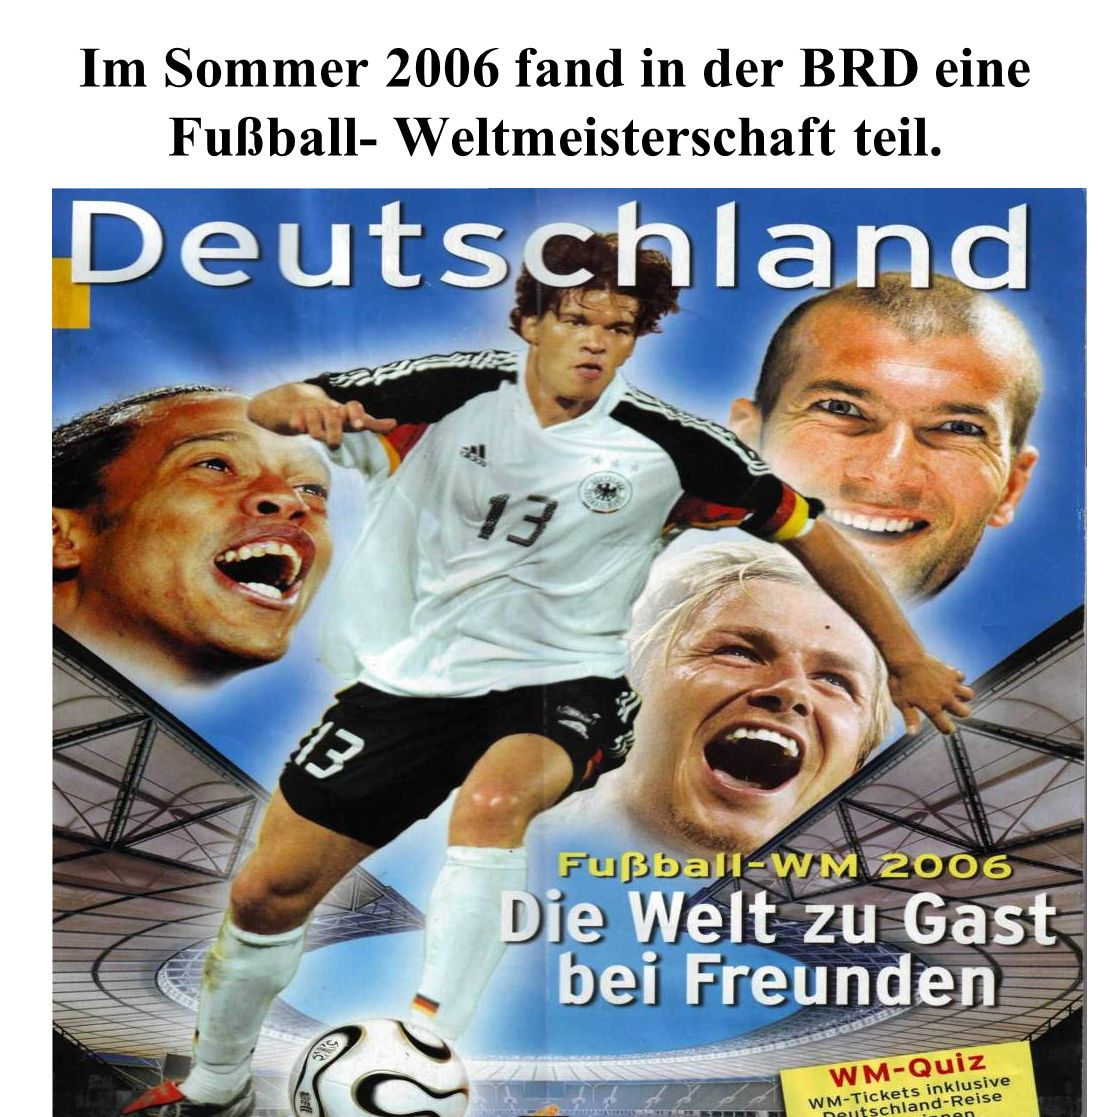 Im Sommer 2006 fand in der BRD eine Fußball- Weltmeisterschaft teil.